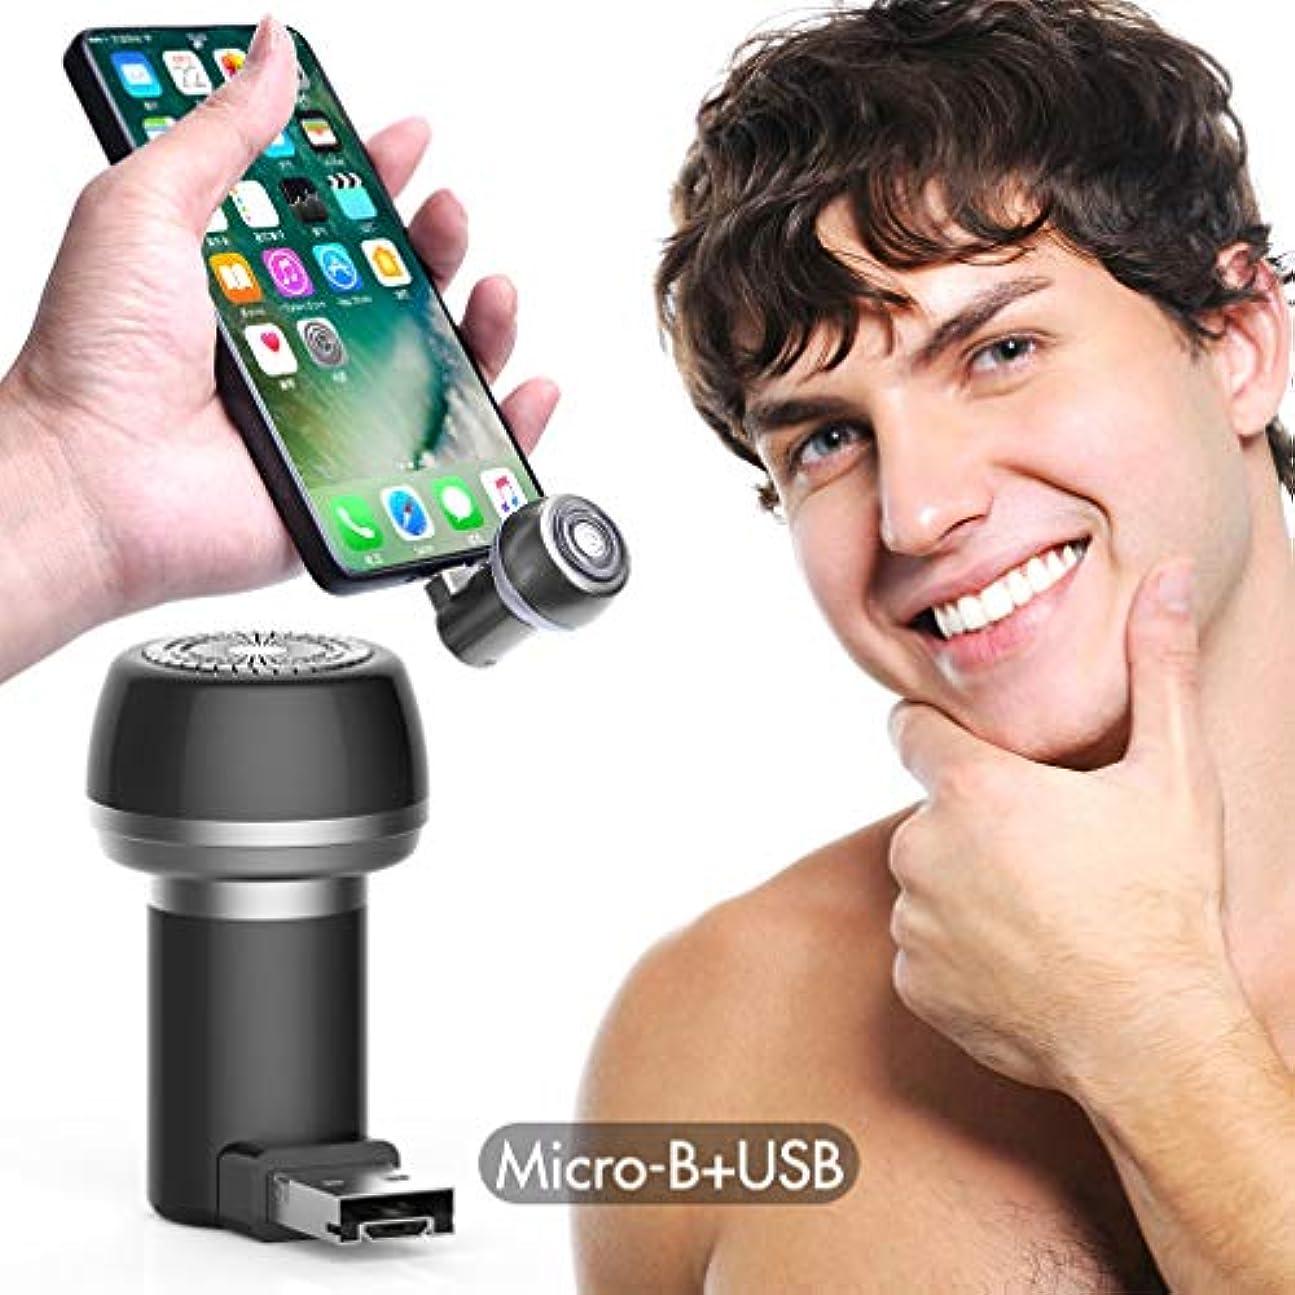 アノイ拡散するカートンメンズシェーバー 磁気電気シェーバー 電気シェーバー type-c/USB ポート 持ち運び便利 ビジネス 通勤用 洗い可 旅行する Micro-USB